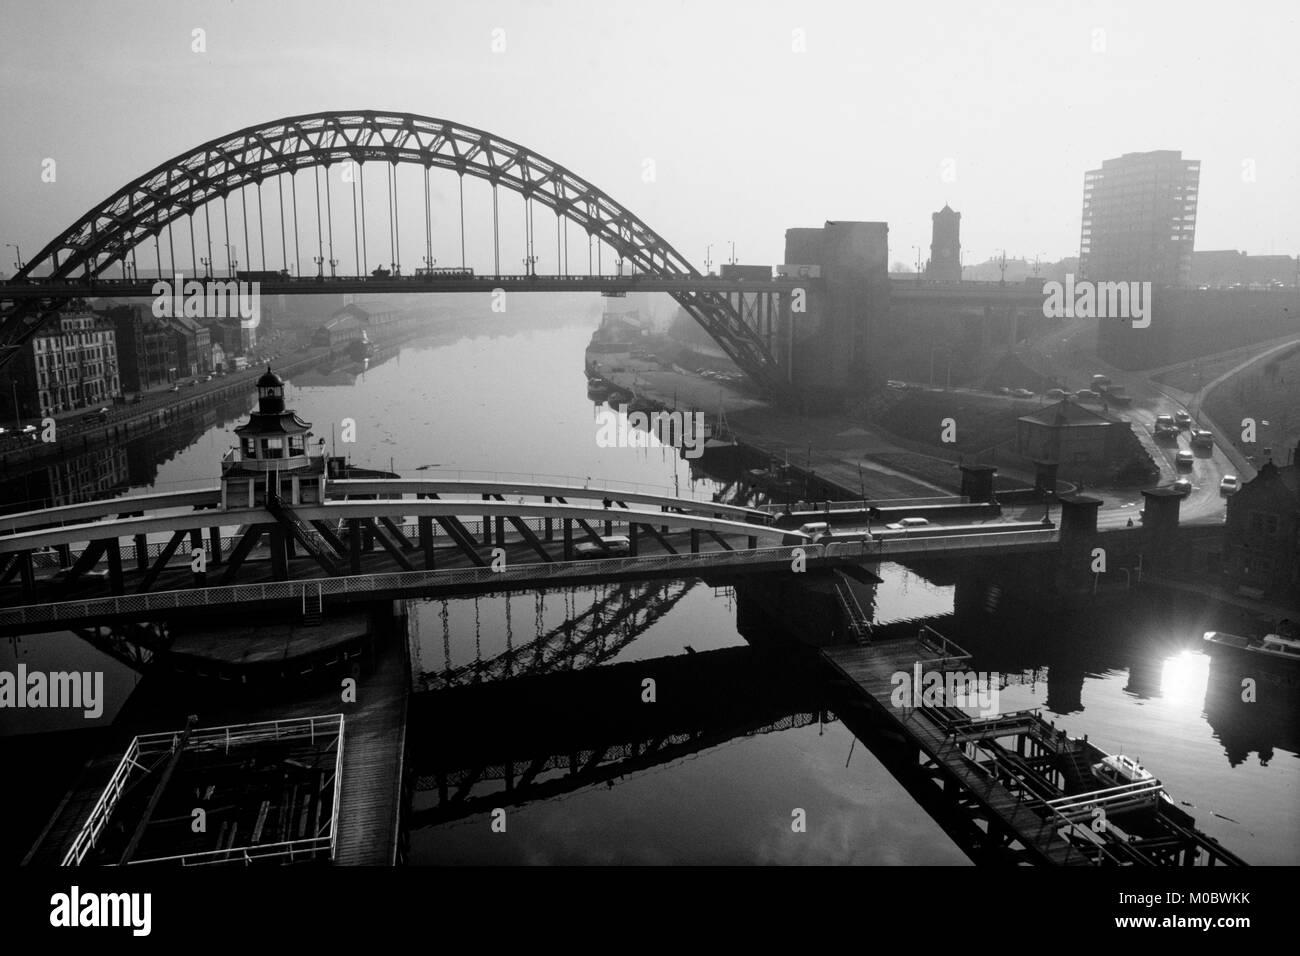 Newcastle upon Tyne,Tyne and Wear, England, UK. 1985 Tyne Bridge and Swing Bridge across the River Tyne looking - Stock Image